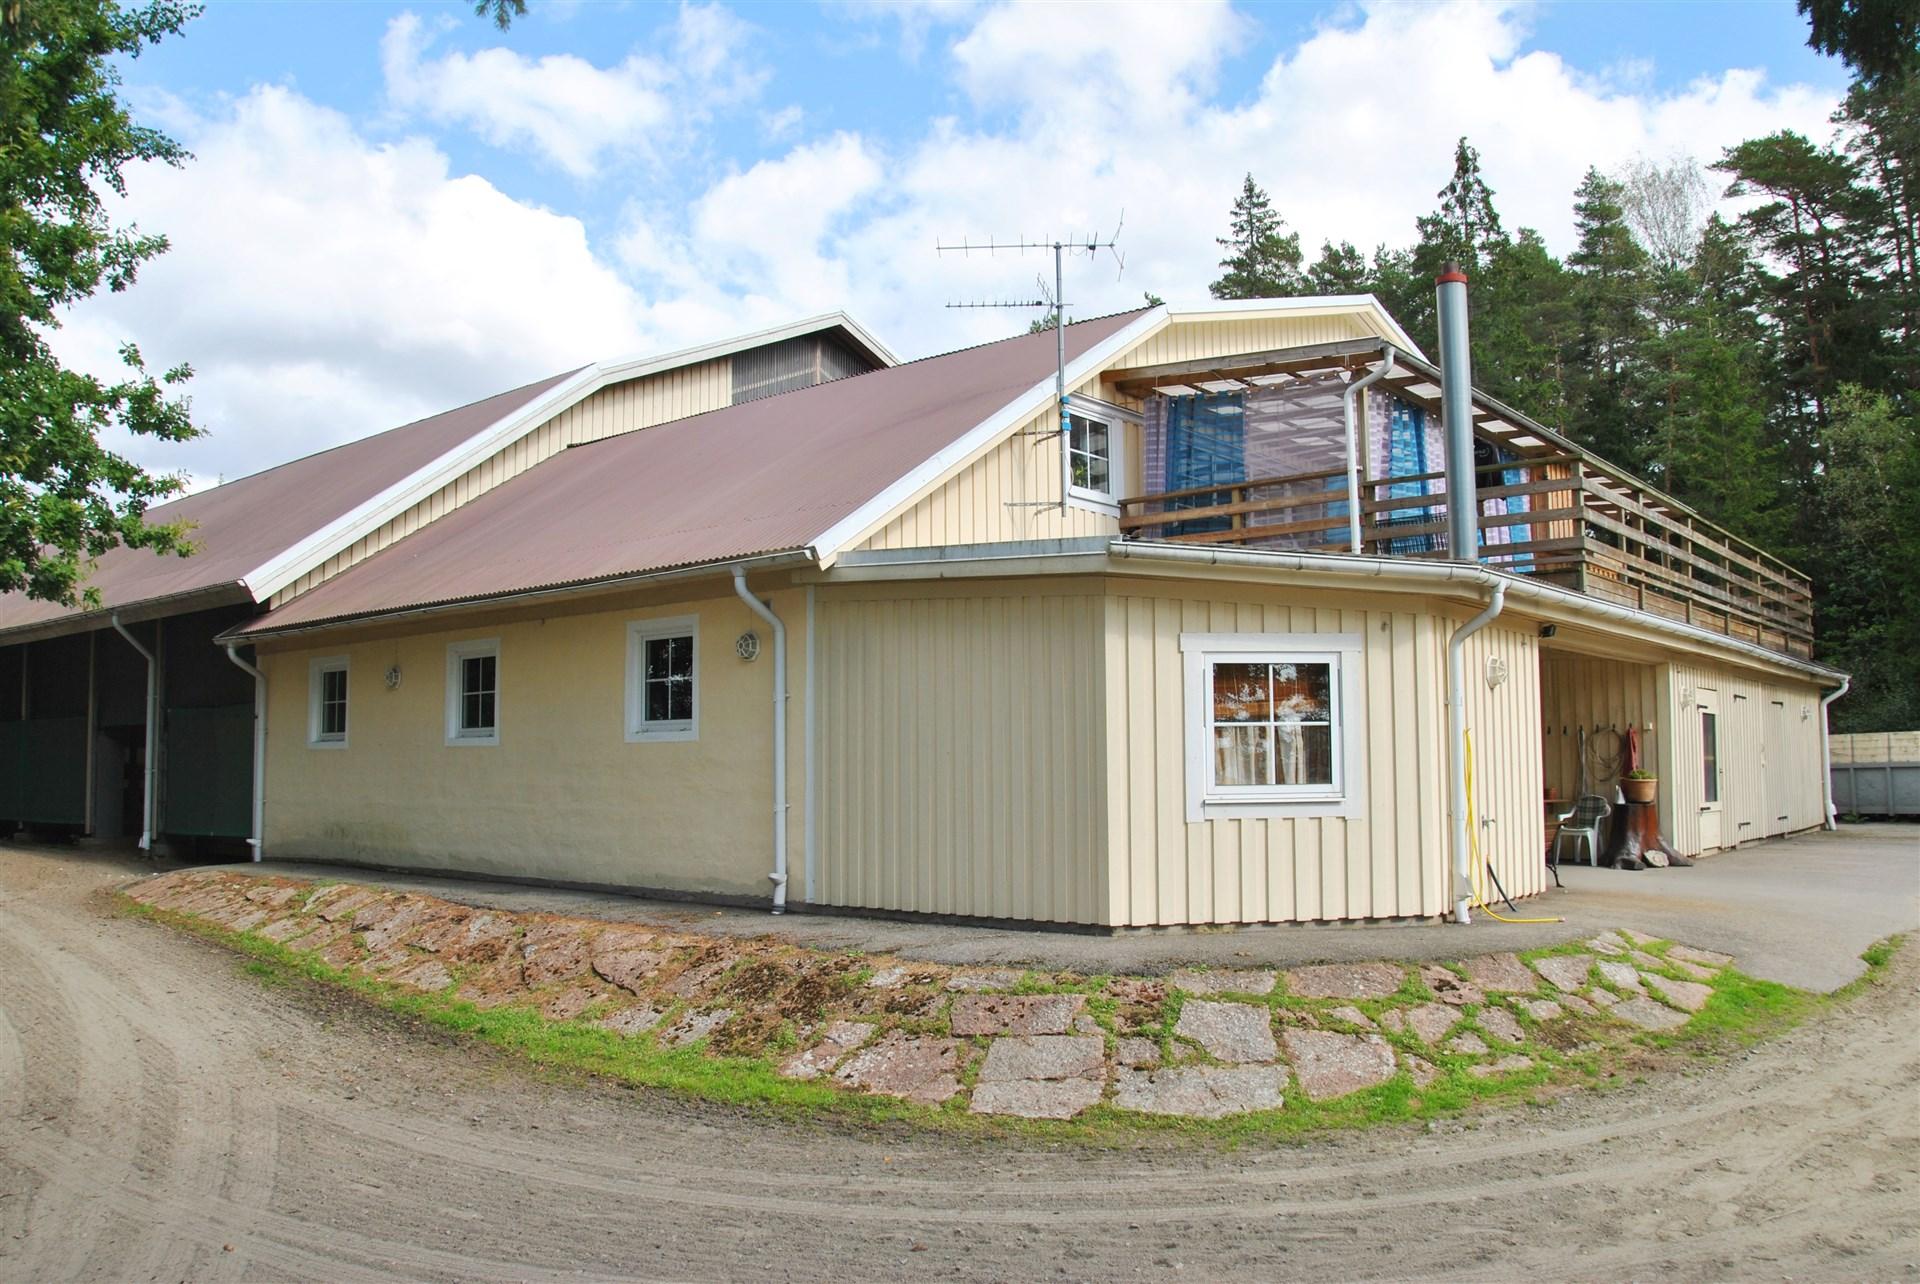 På ovanplan finns lägenhet om 90 m² samt gemensamhetslokal och tre gästrum med 7 sängplatser